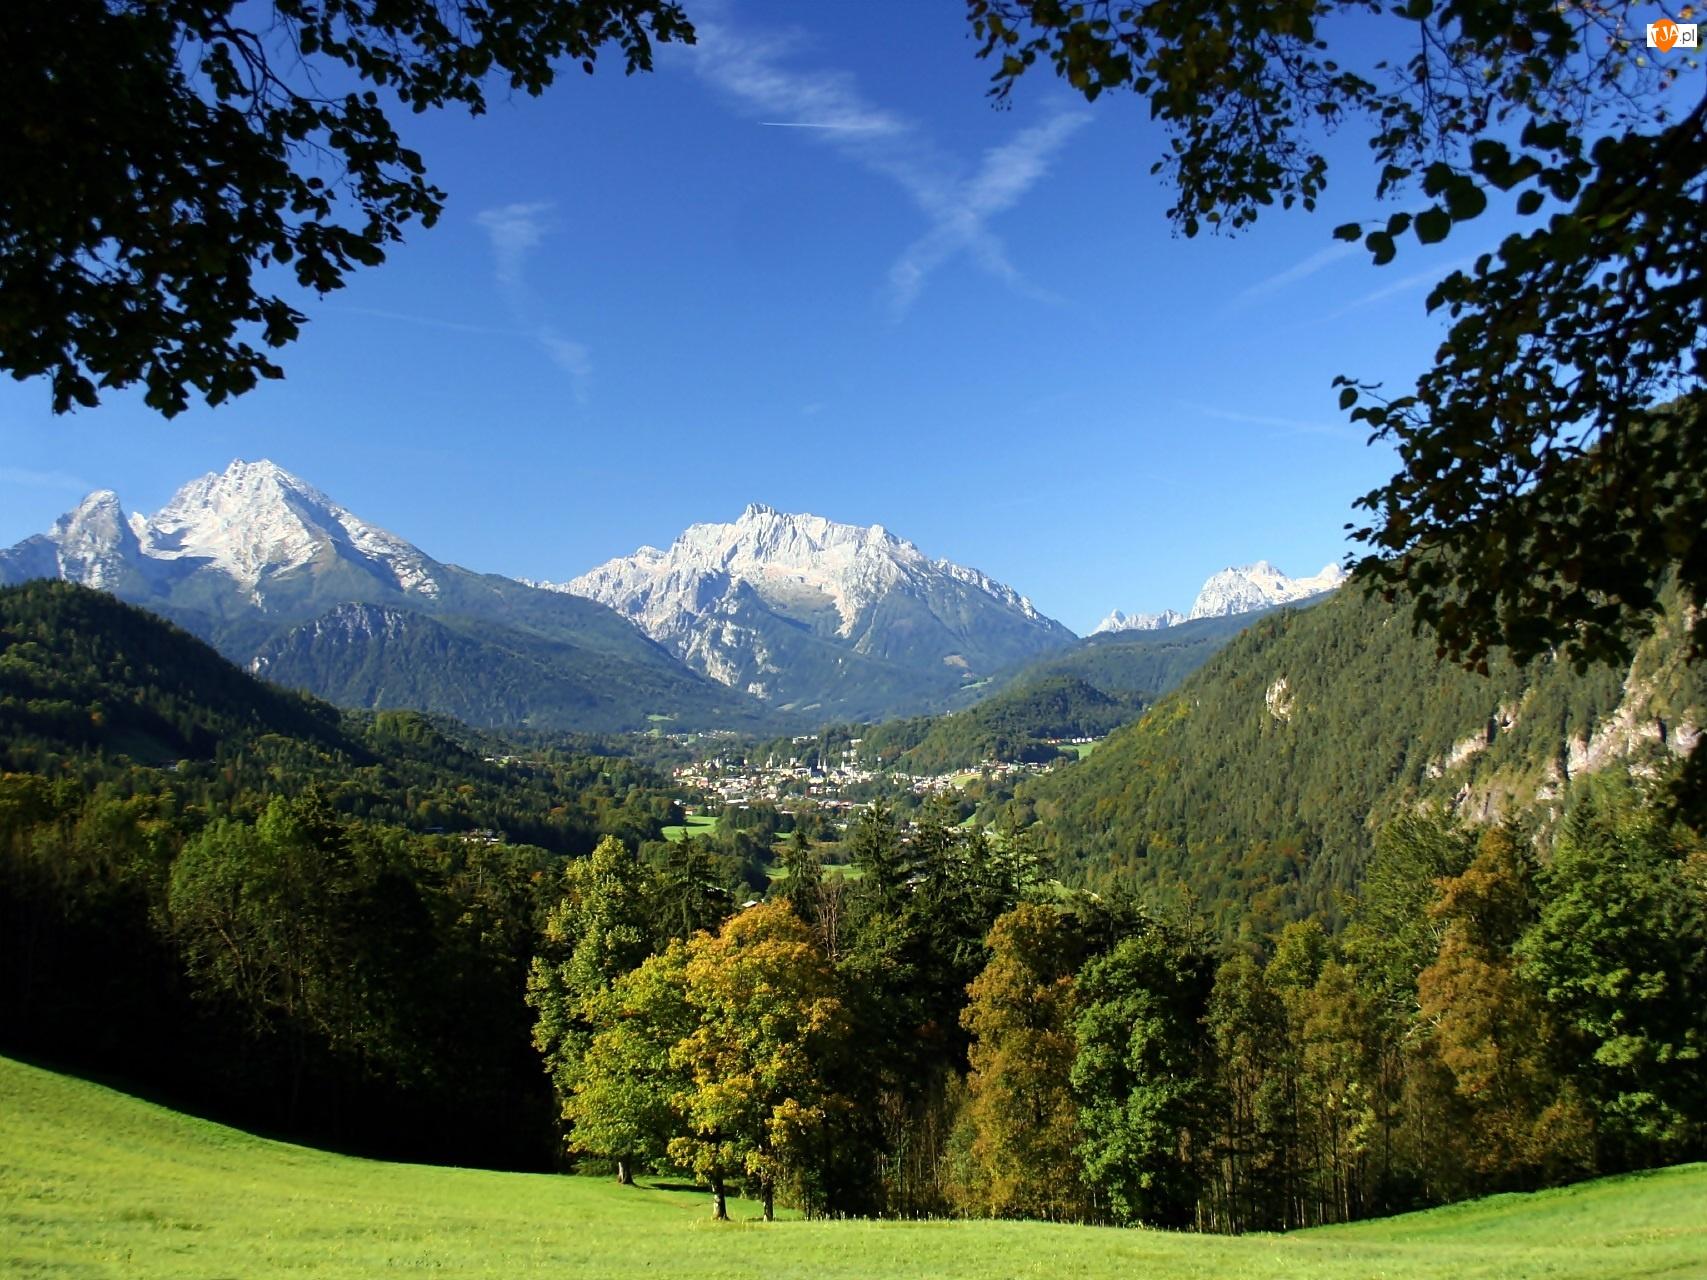 Łąka, Niemcy, Góry Watzmann, Park Narodowy Berchtesgaden, Las